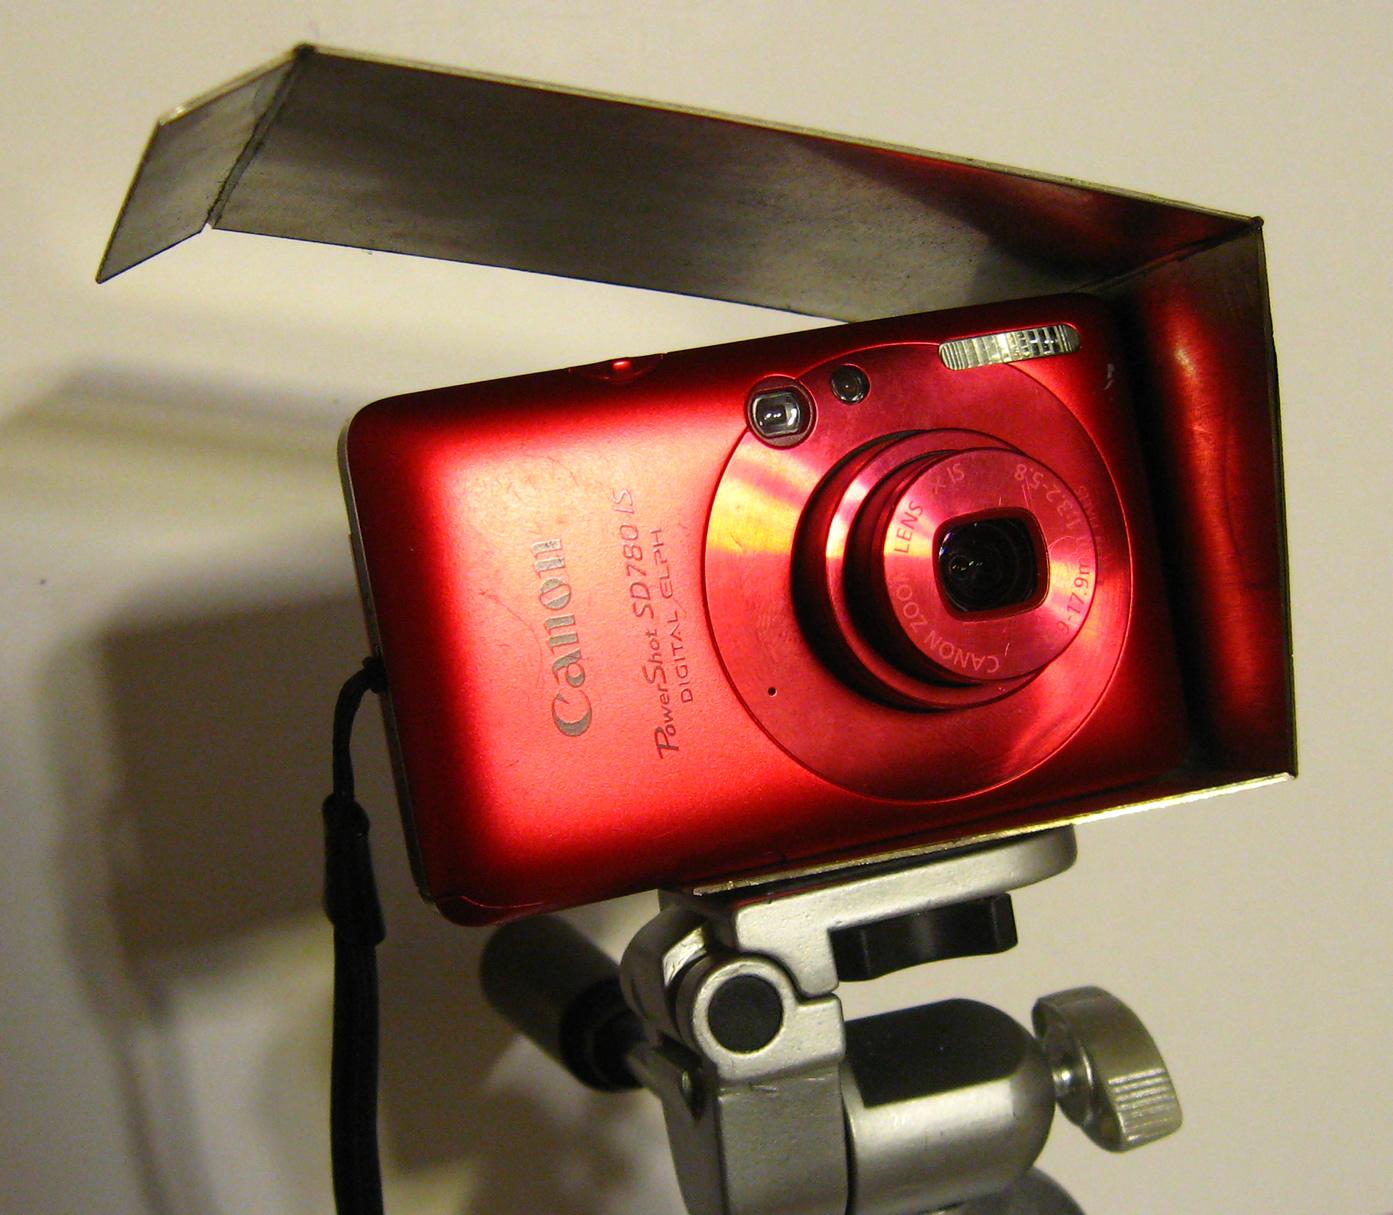 Picture of Small Rain Shield for Digital Camera